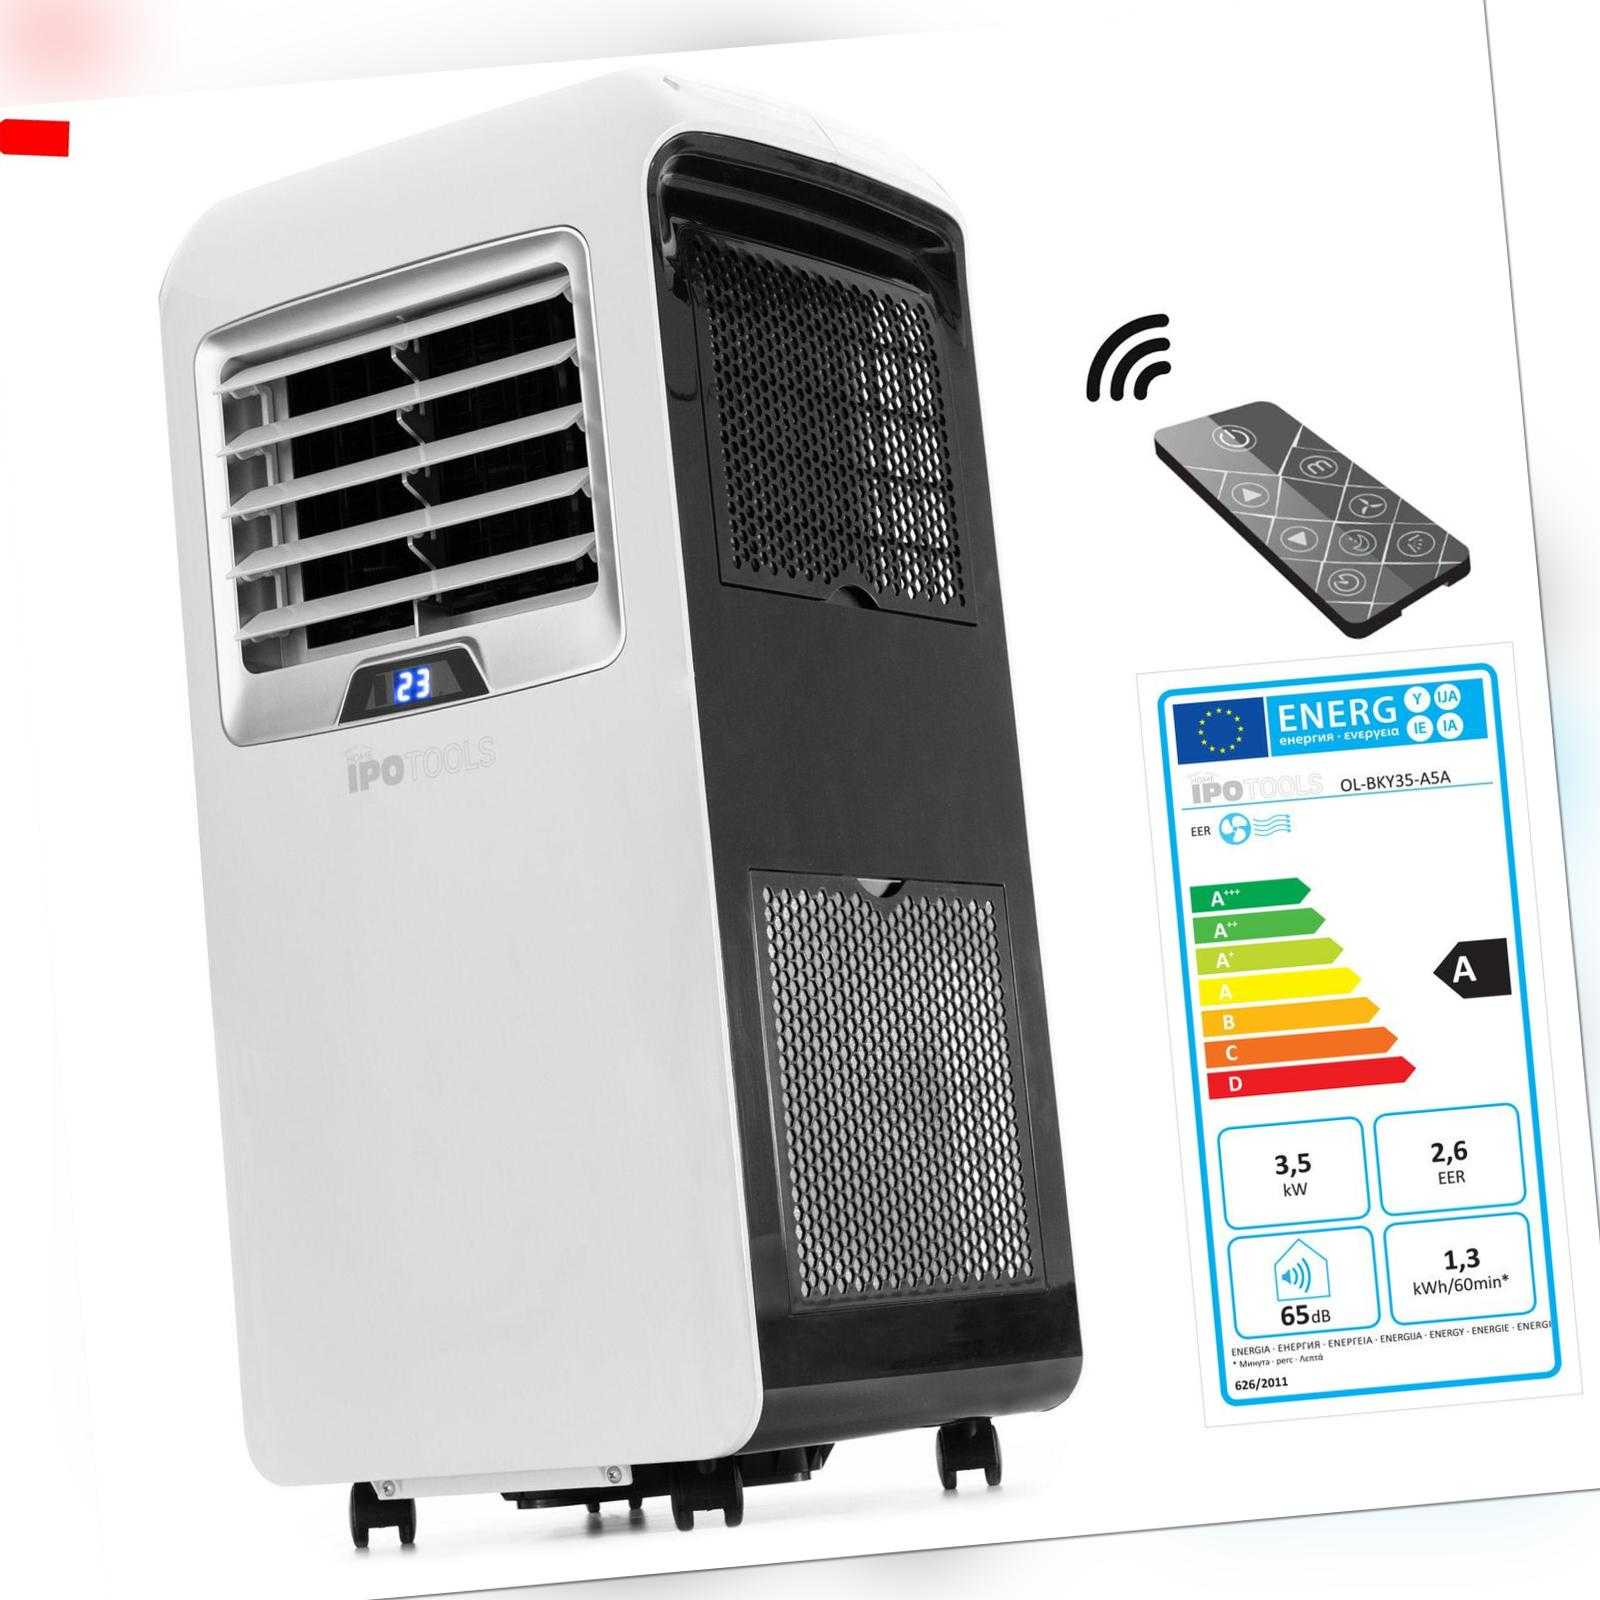 IPOTOOLS Mobile Klimaanlage Mobiles Lokales Klimagerät 3,5 kW / 12000 Btu EEK A ; EEK A++